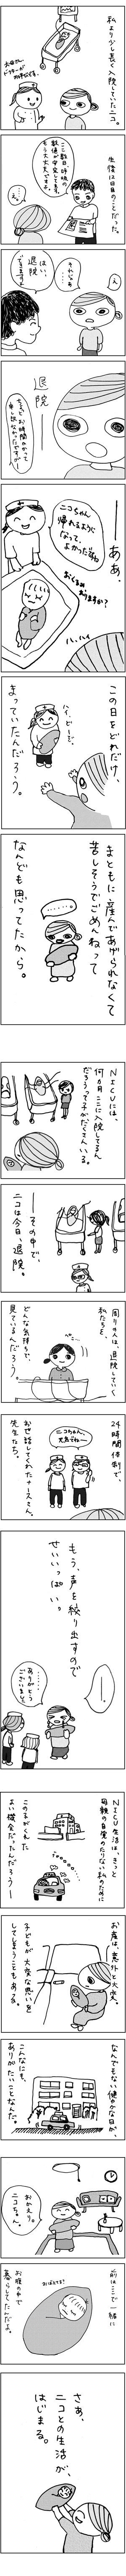 おかえりニコ,育児,マンガ,母